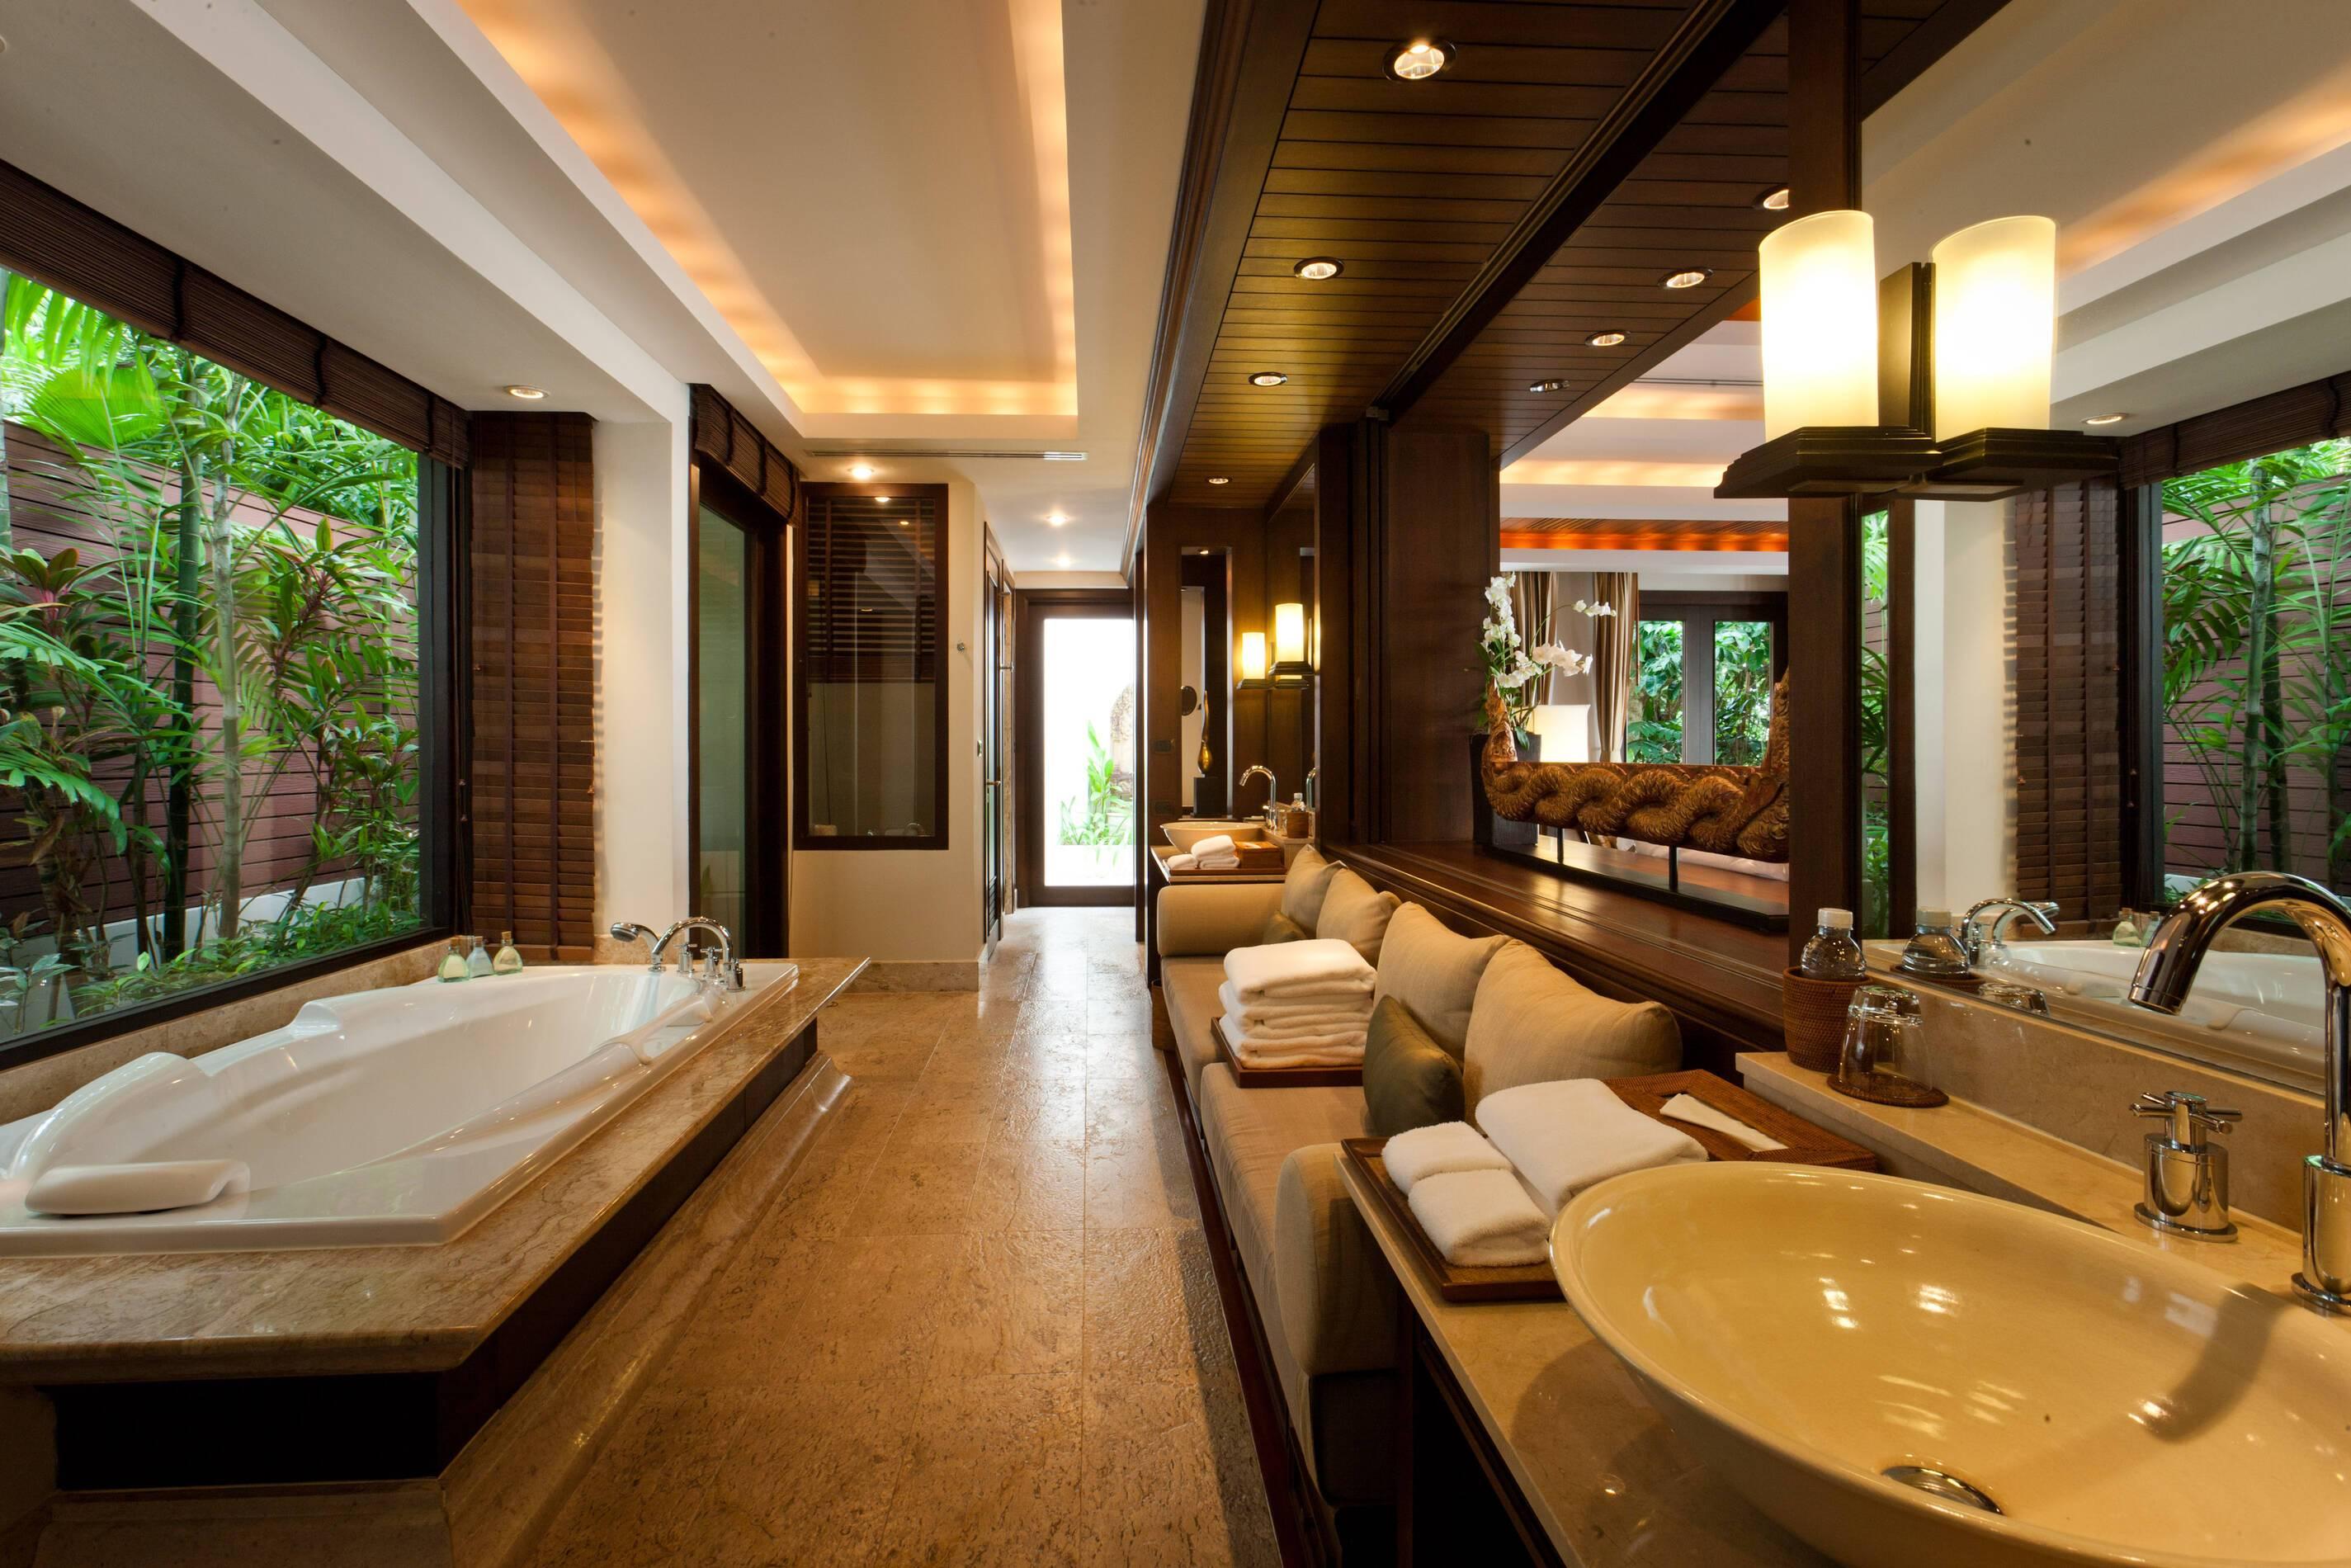 Trisara Thailande view villa salle de bain thailande